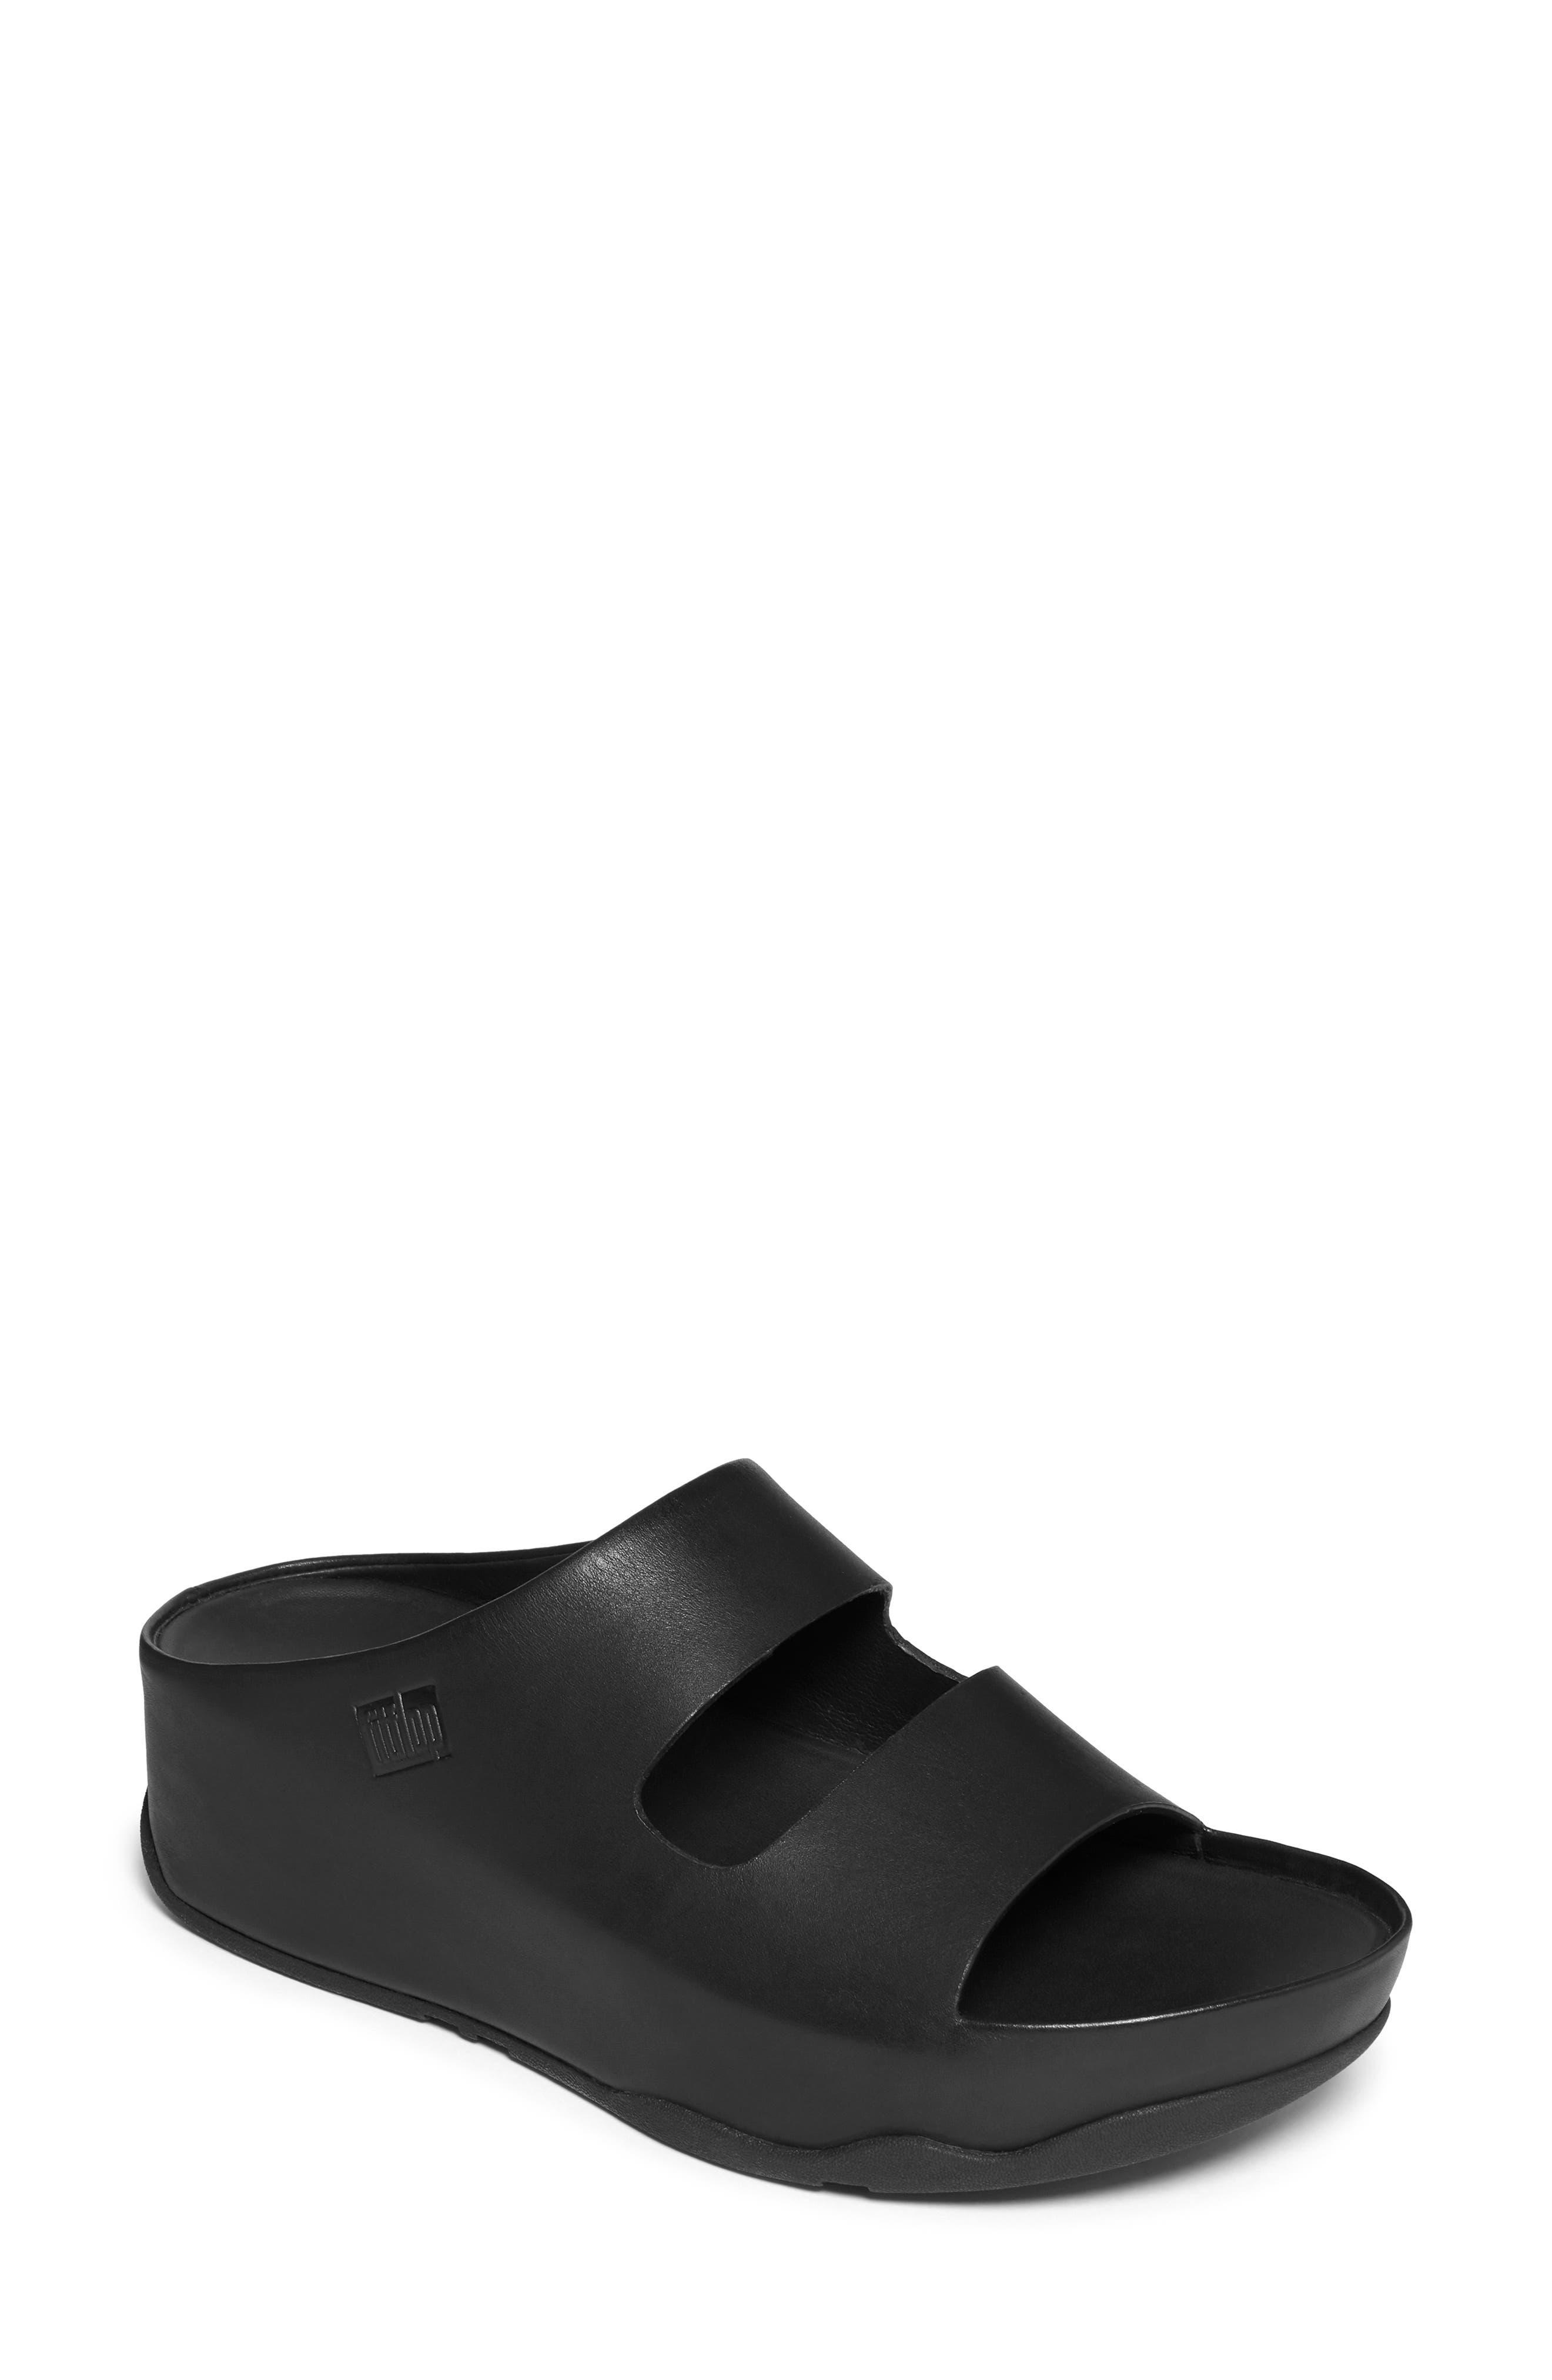 Shuv Slide Sandal